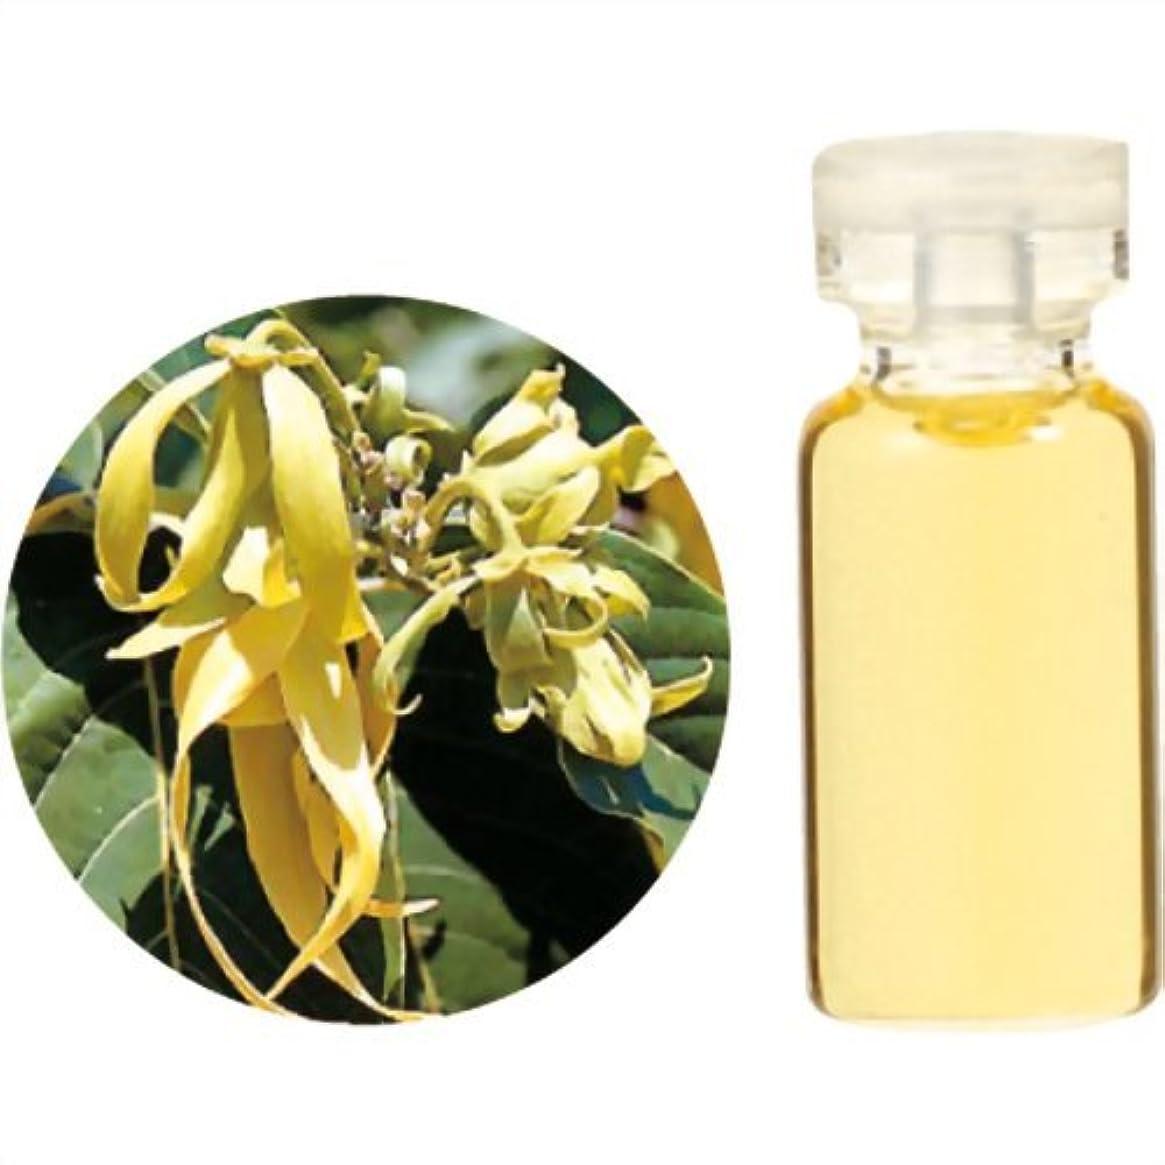 アグネスグレイ二次錫生活の木 Herbal Life イランイラン?エクストラ 10ml